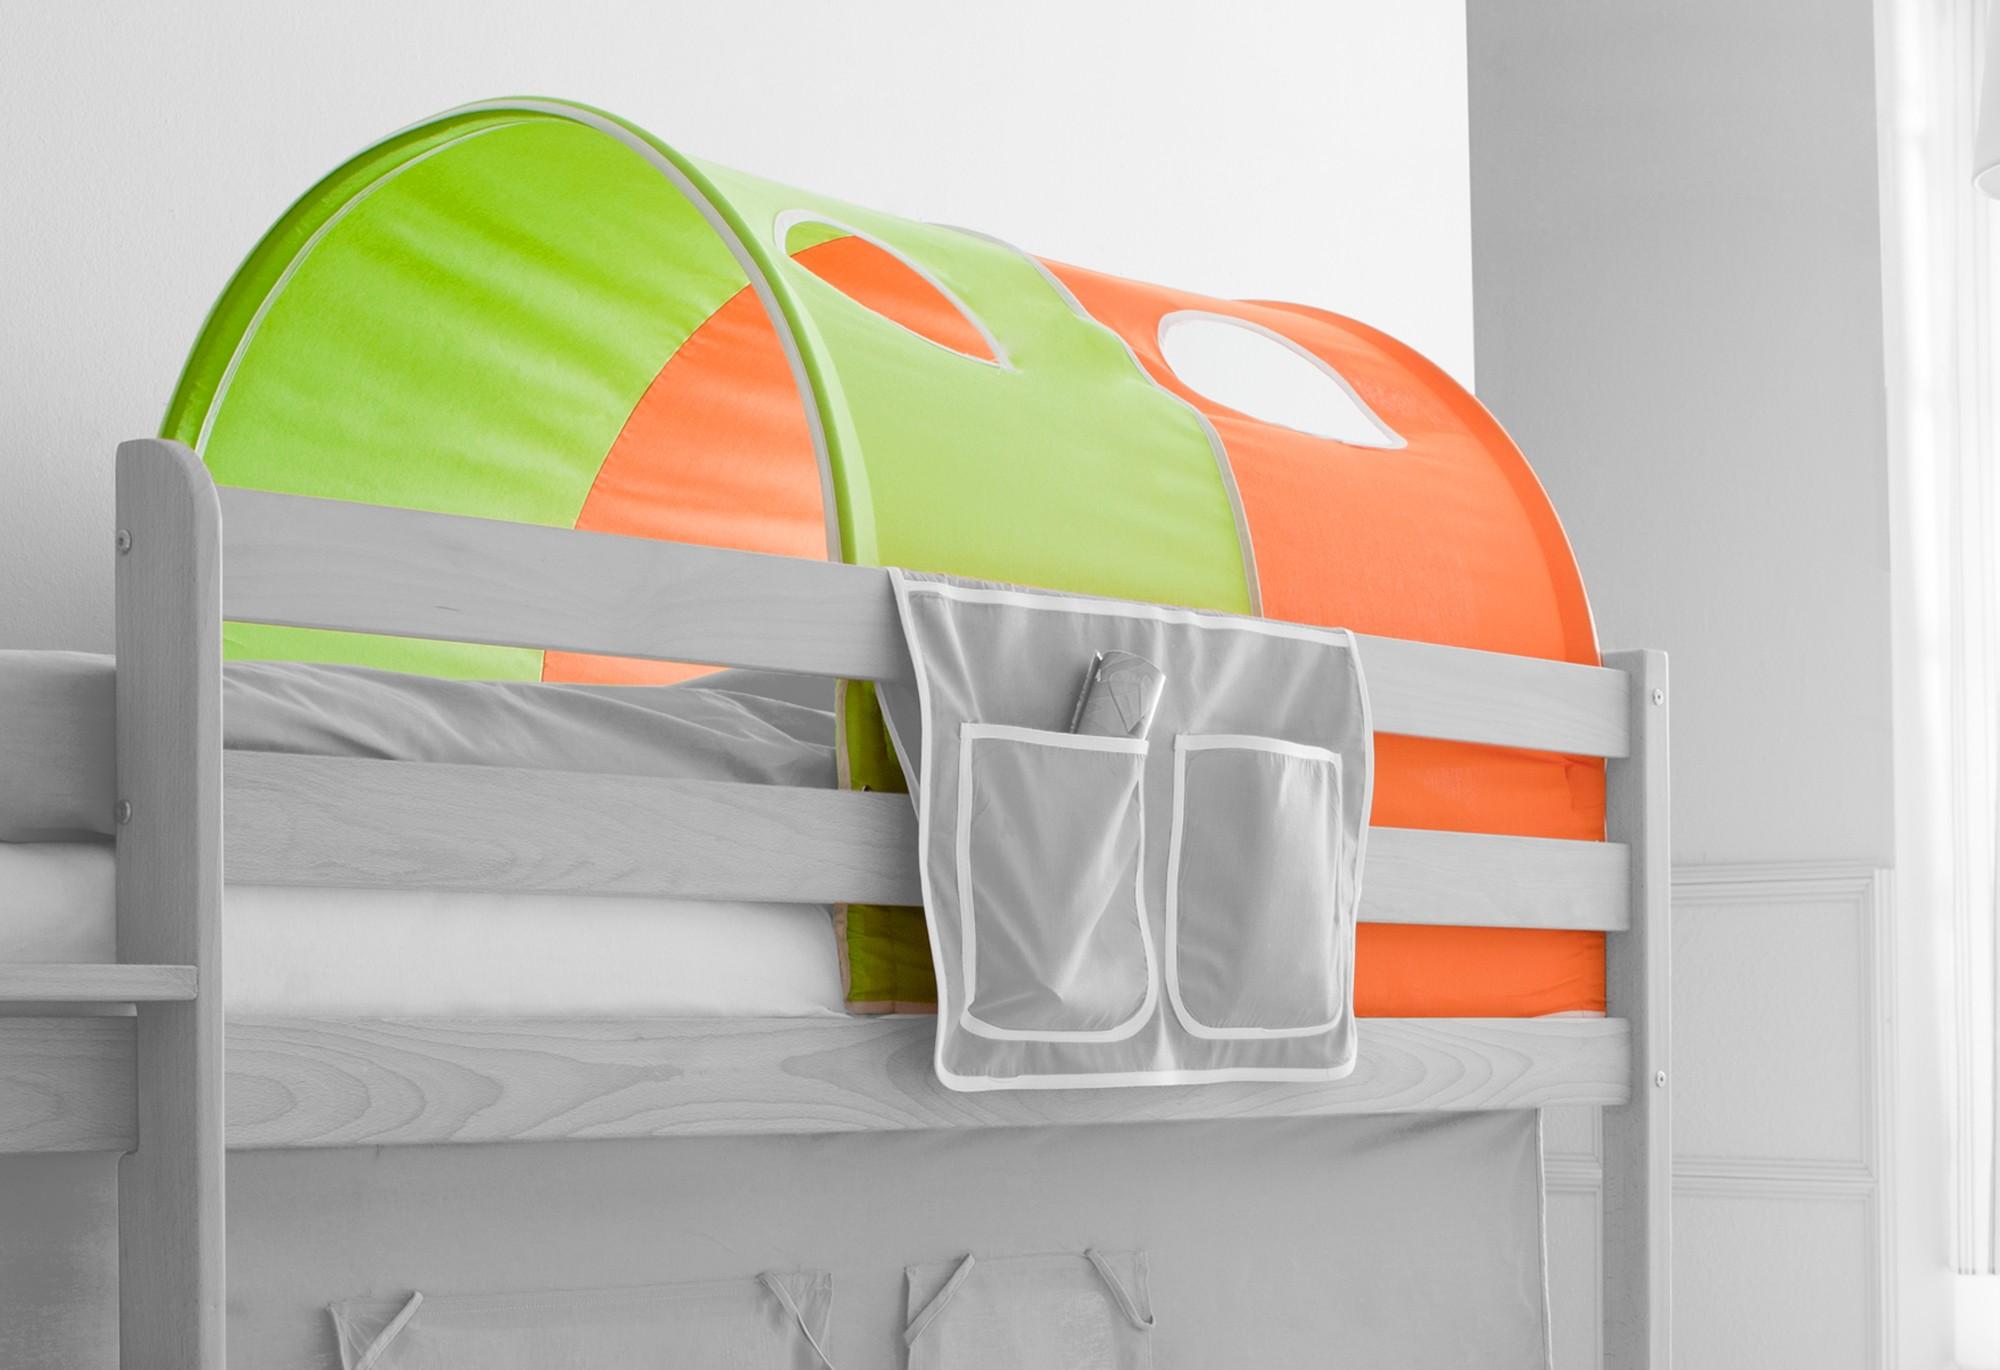 Tunnel Set Etagenbett : Tunnel für hoch und etagenbetten mod grün orange h c möbel